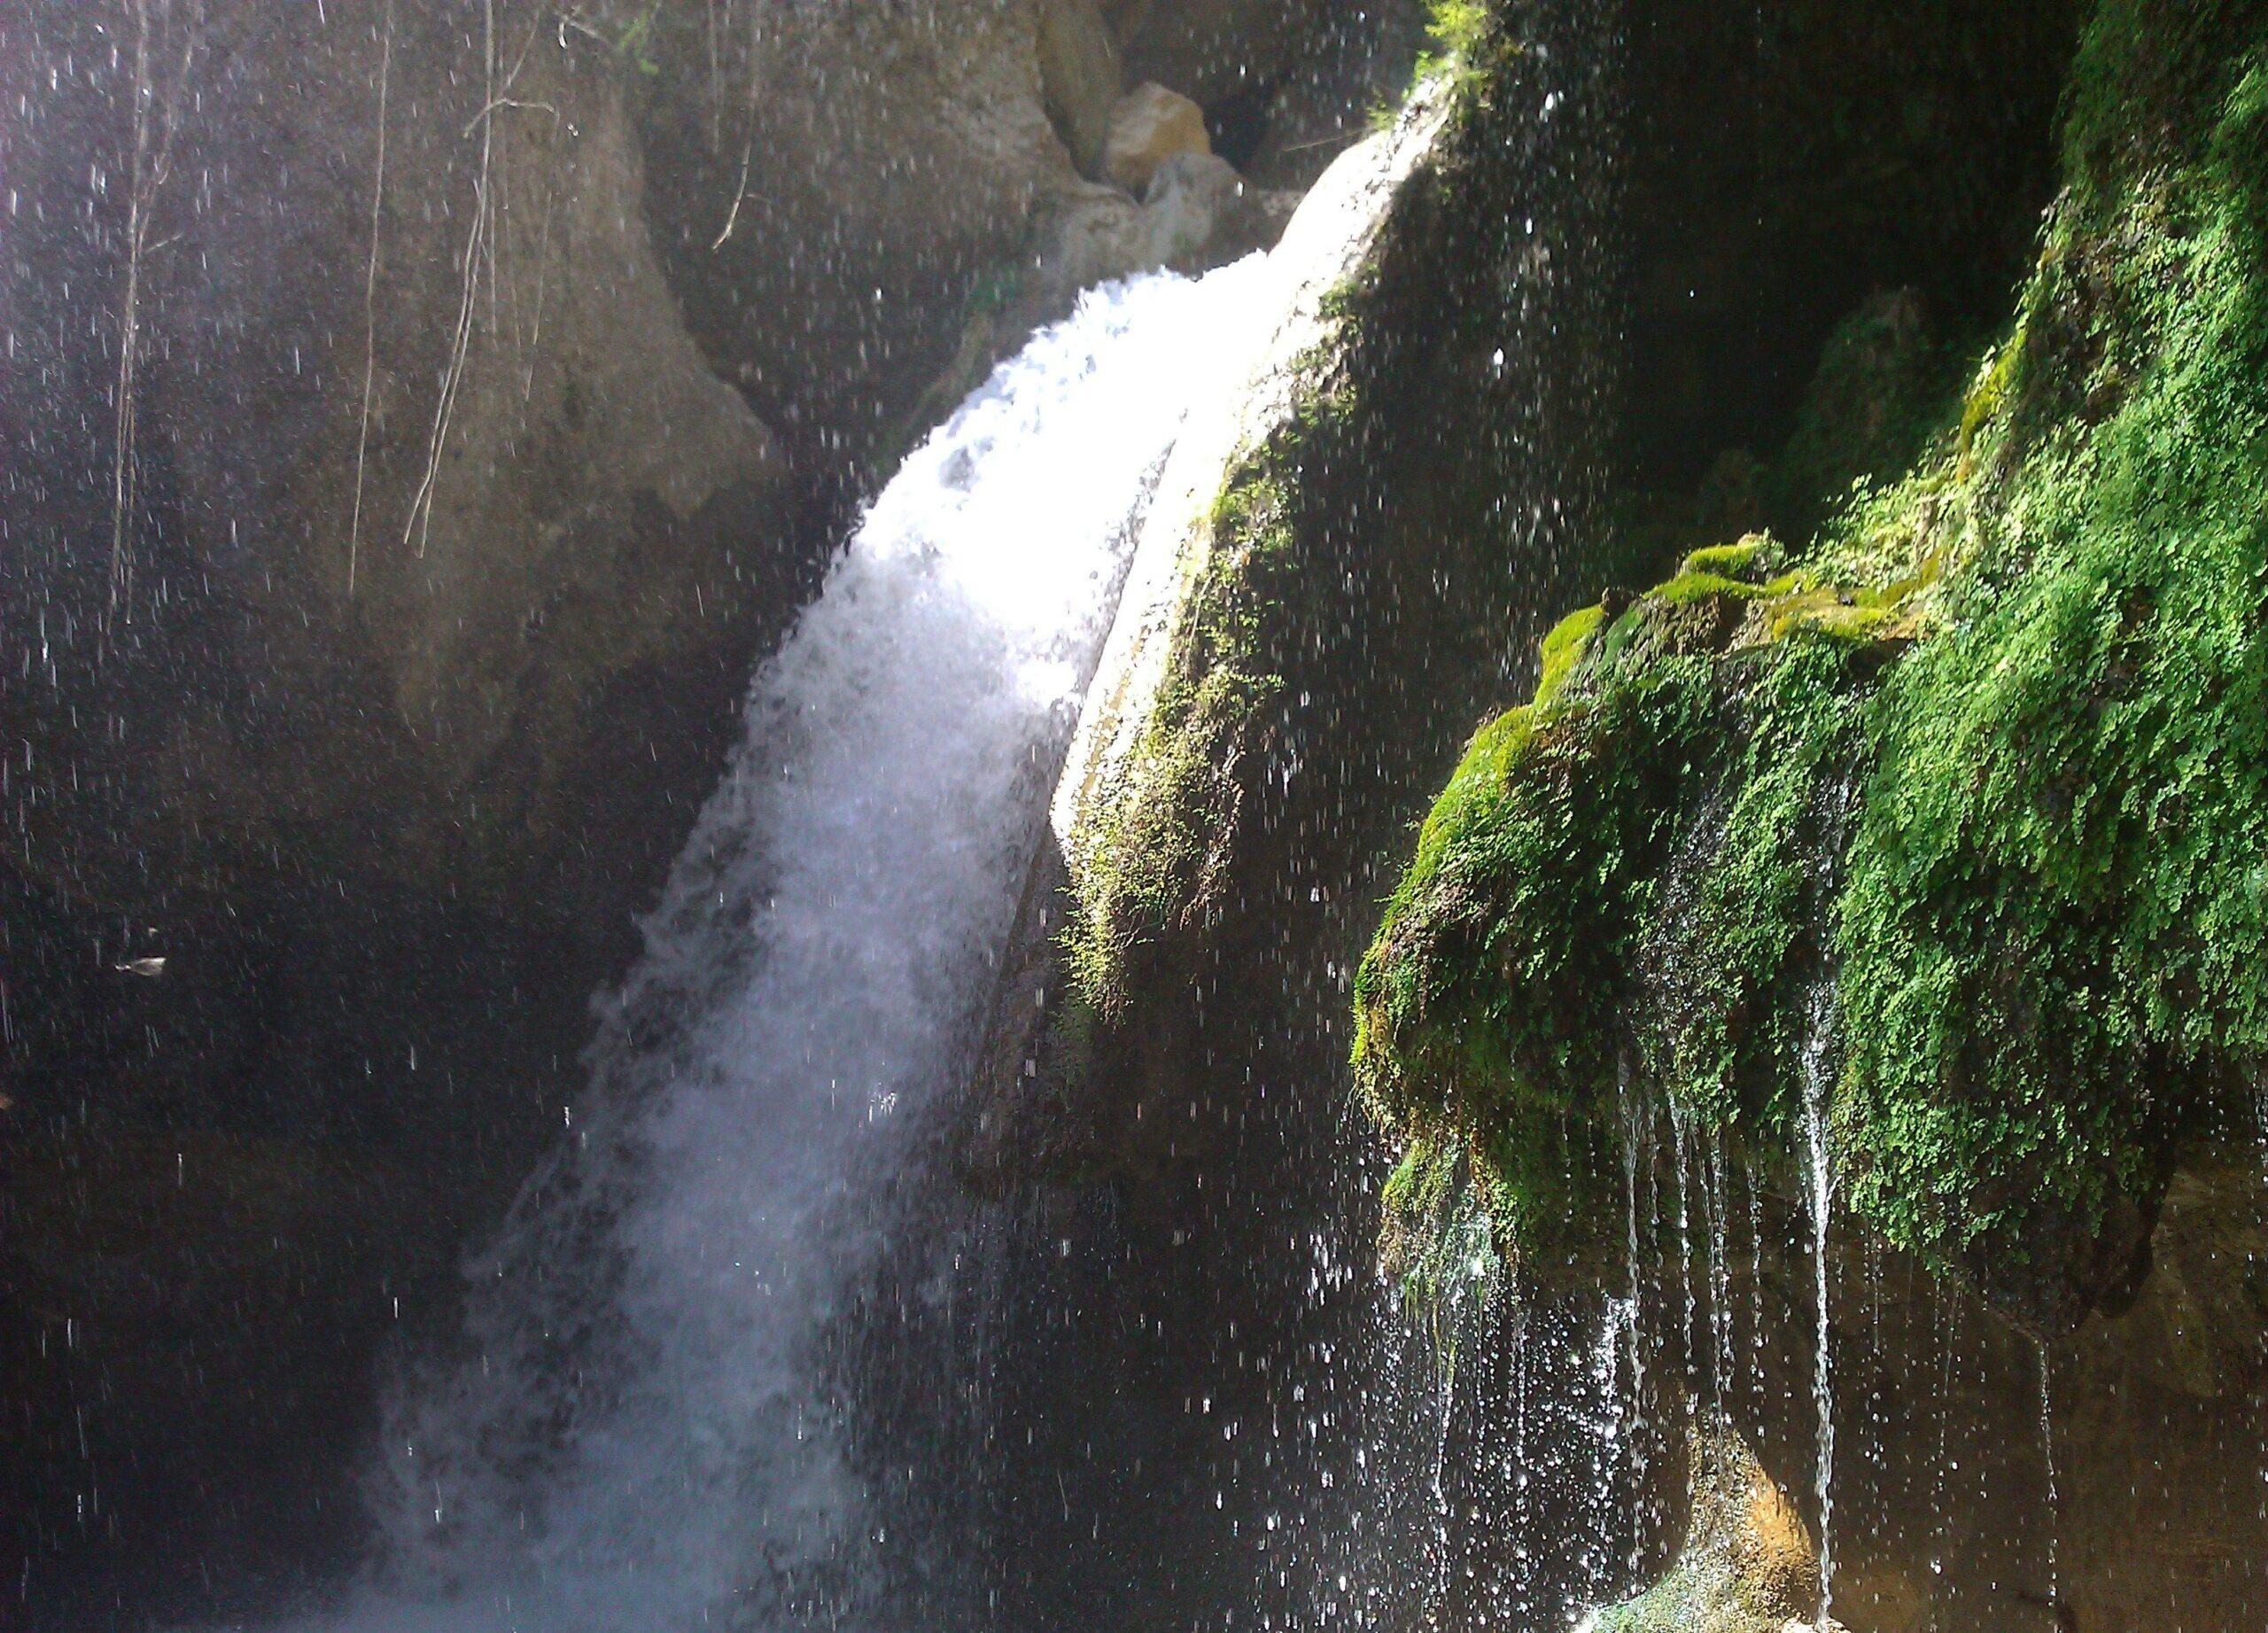 جاذبه گردشگری آبشار تنگ تامرادی استان کهگیلویه و بویراحمد